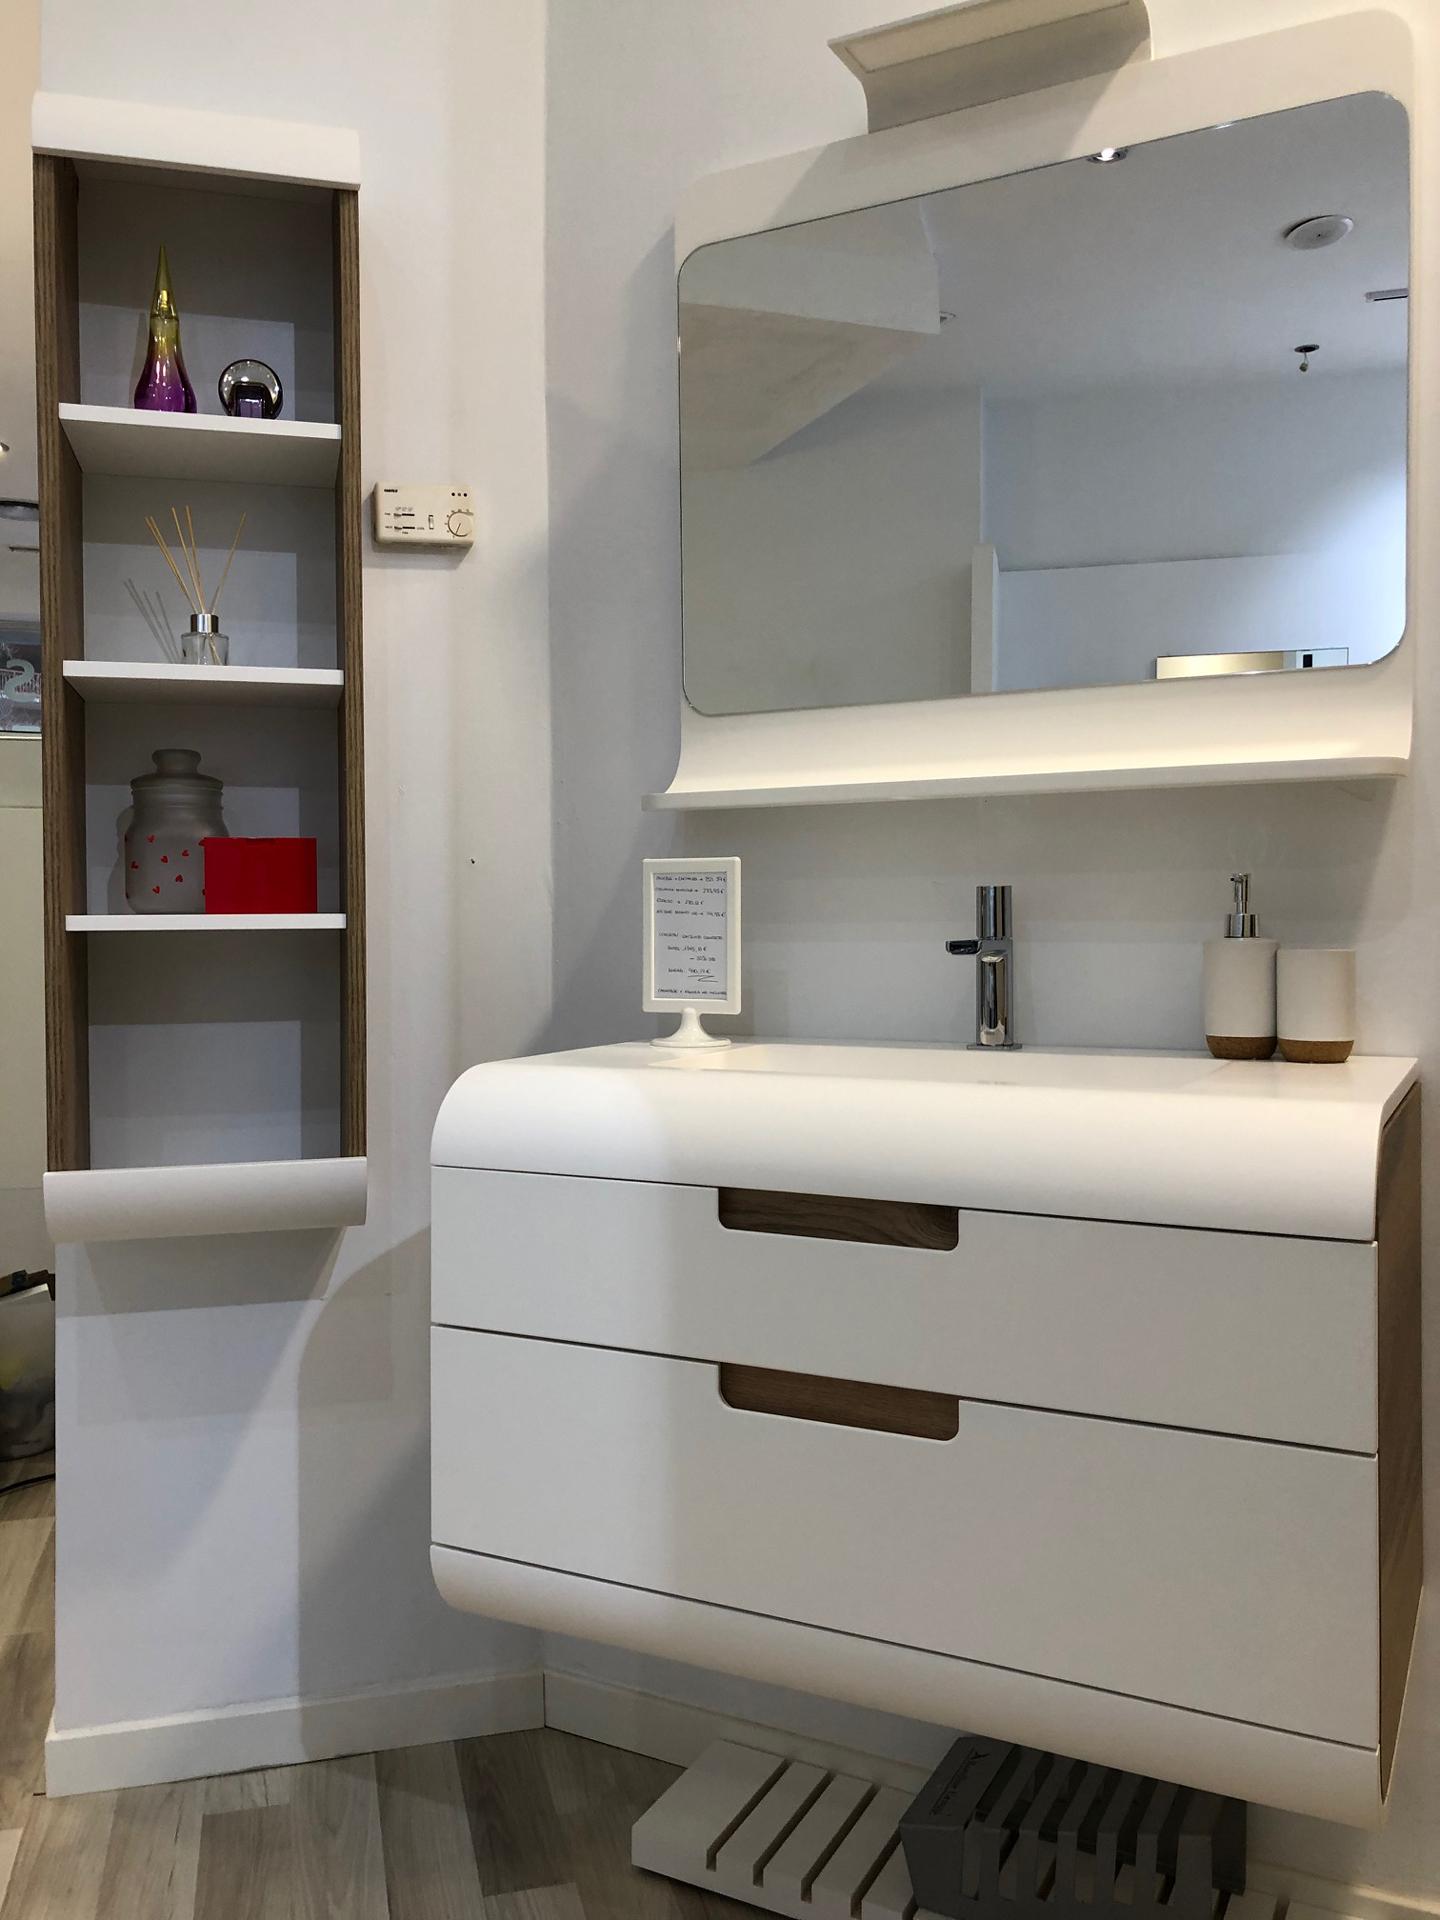 oferta-mueble-encimera-conjunto-auxiliar-blanco 2